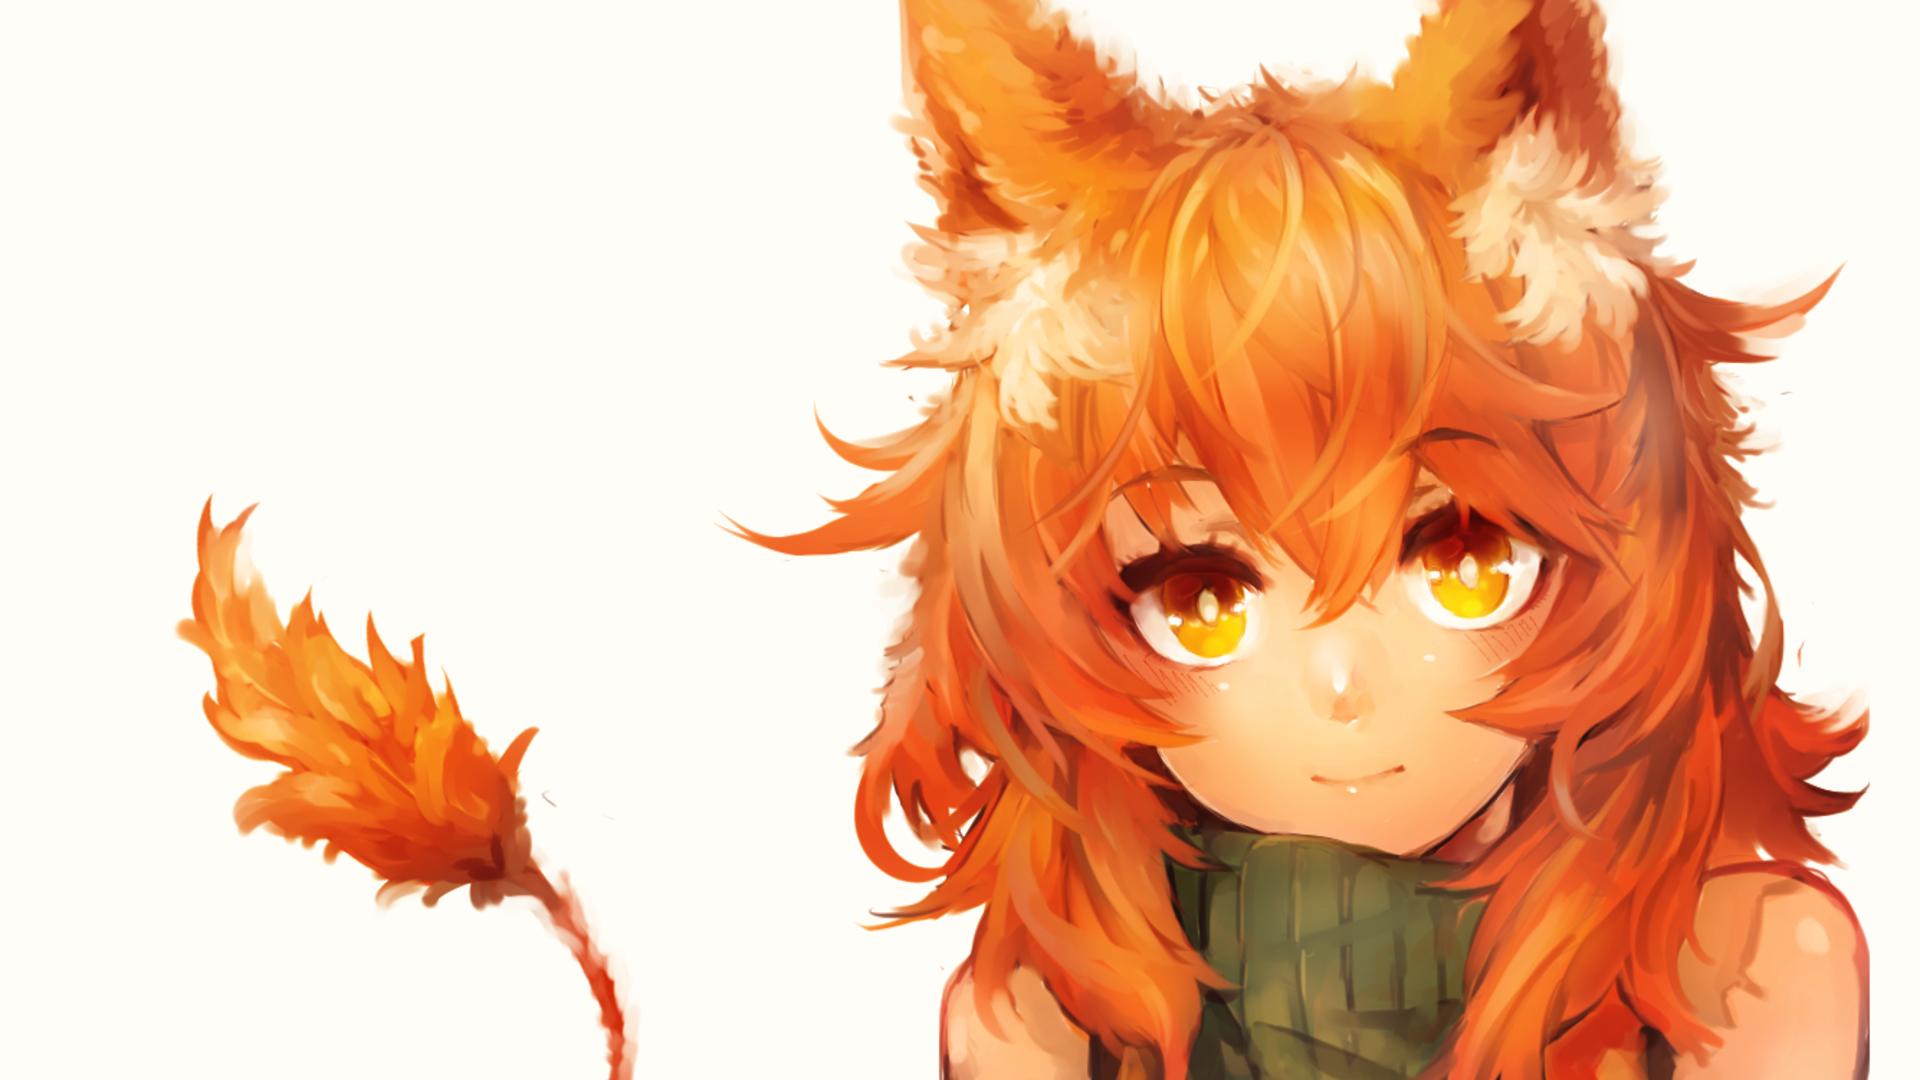 Red Hair Cat Girl